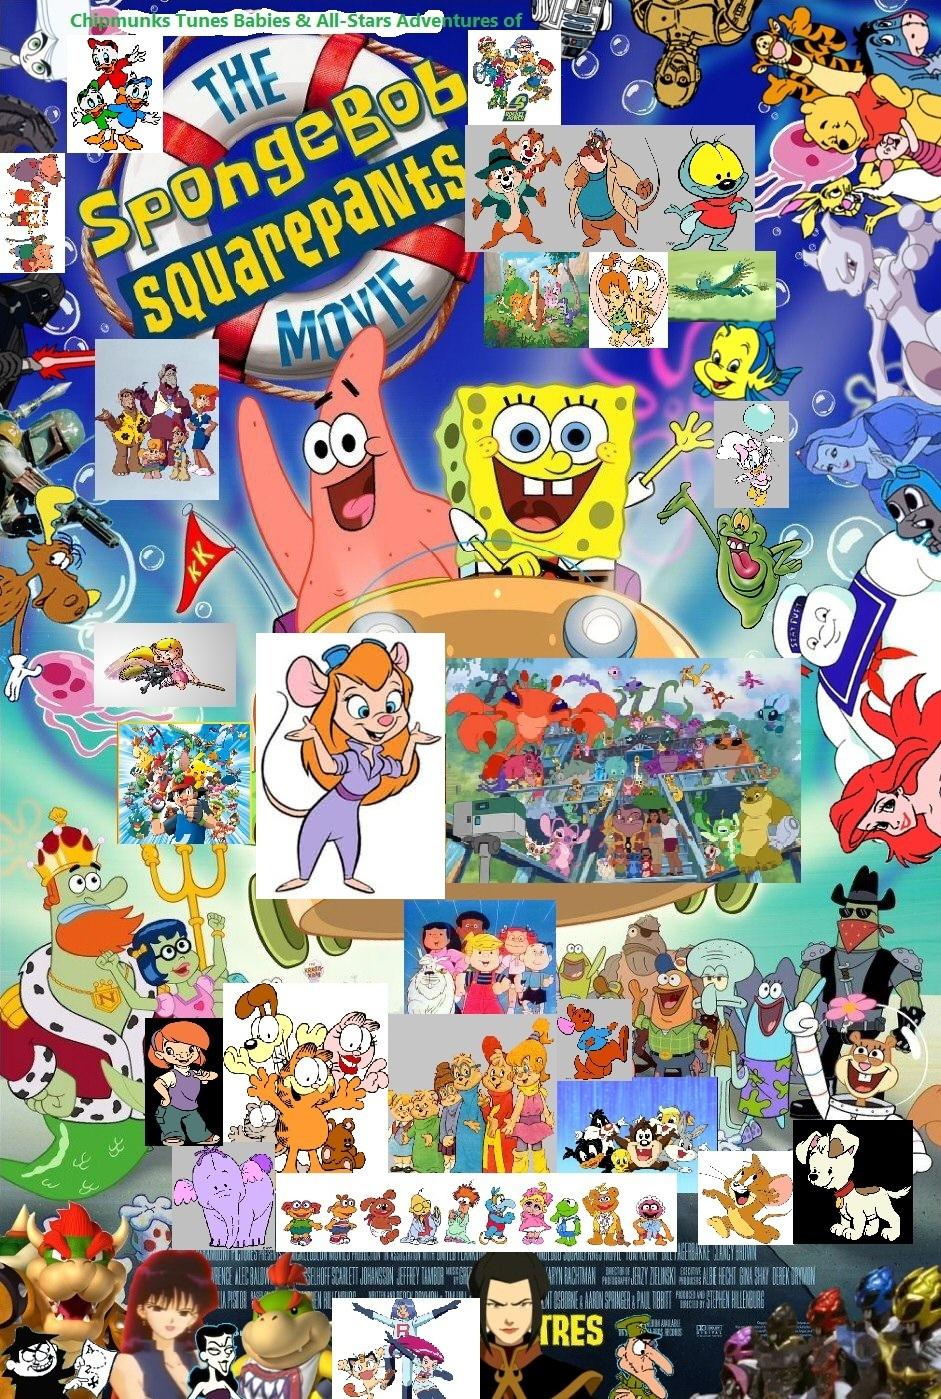 image chipmunks tunes babies u0026 all stars u0027 adventures of the